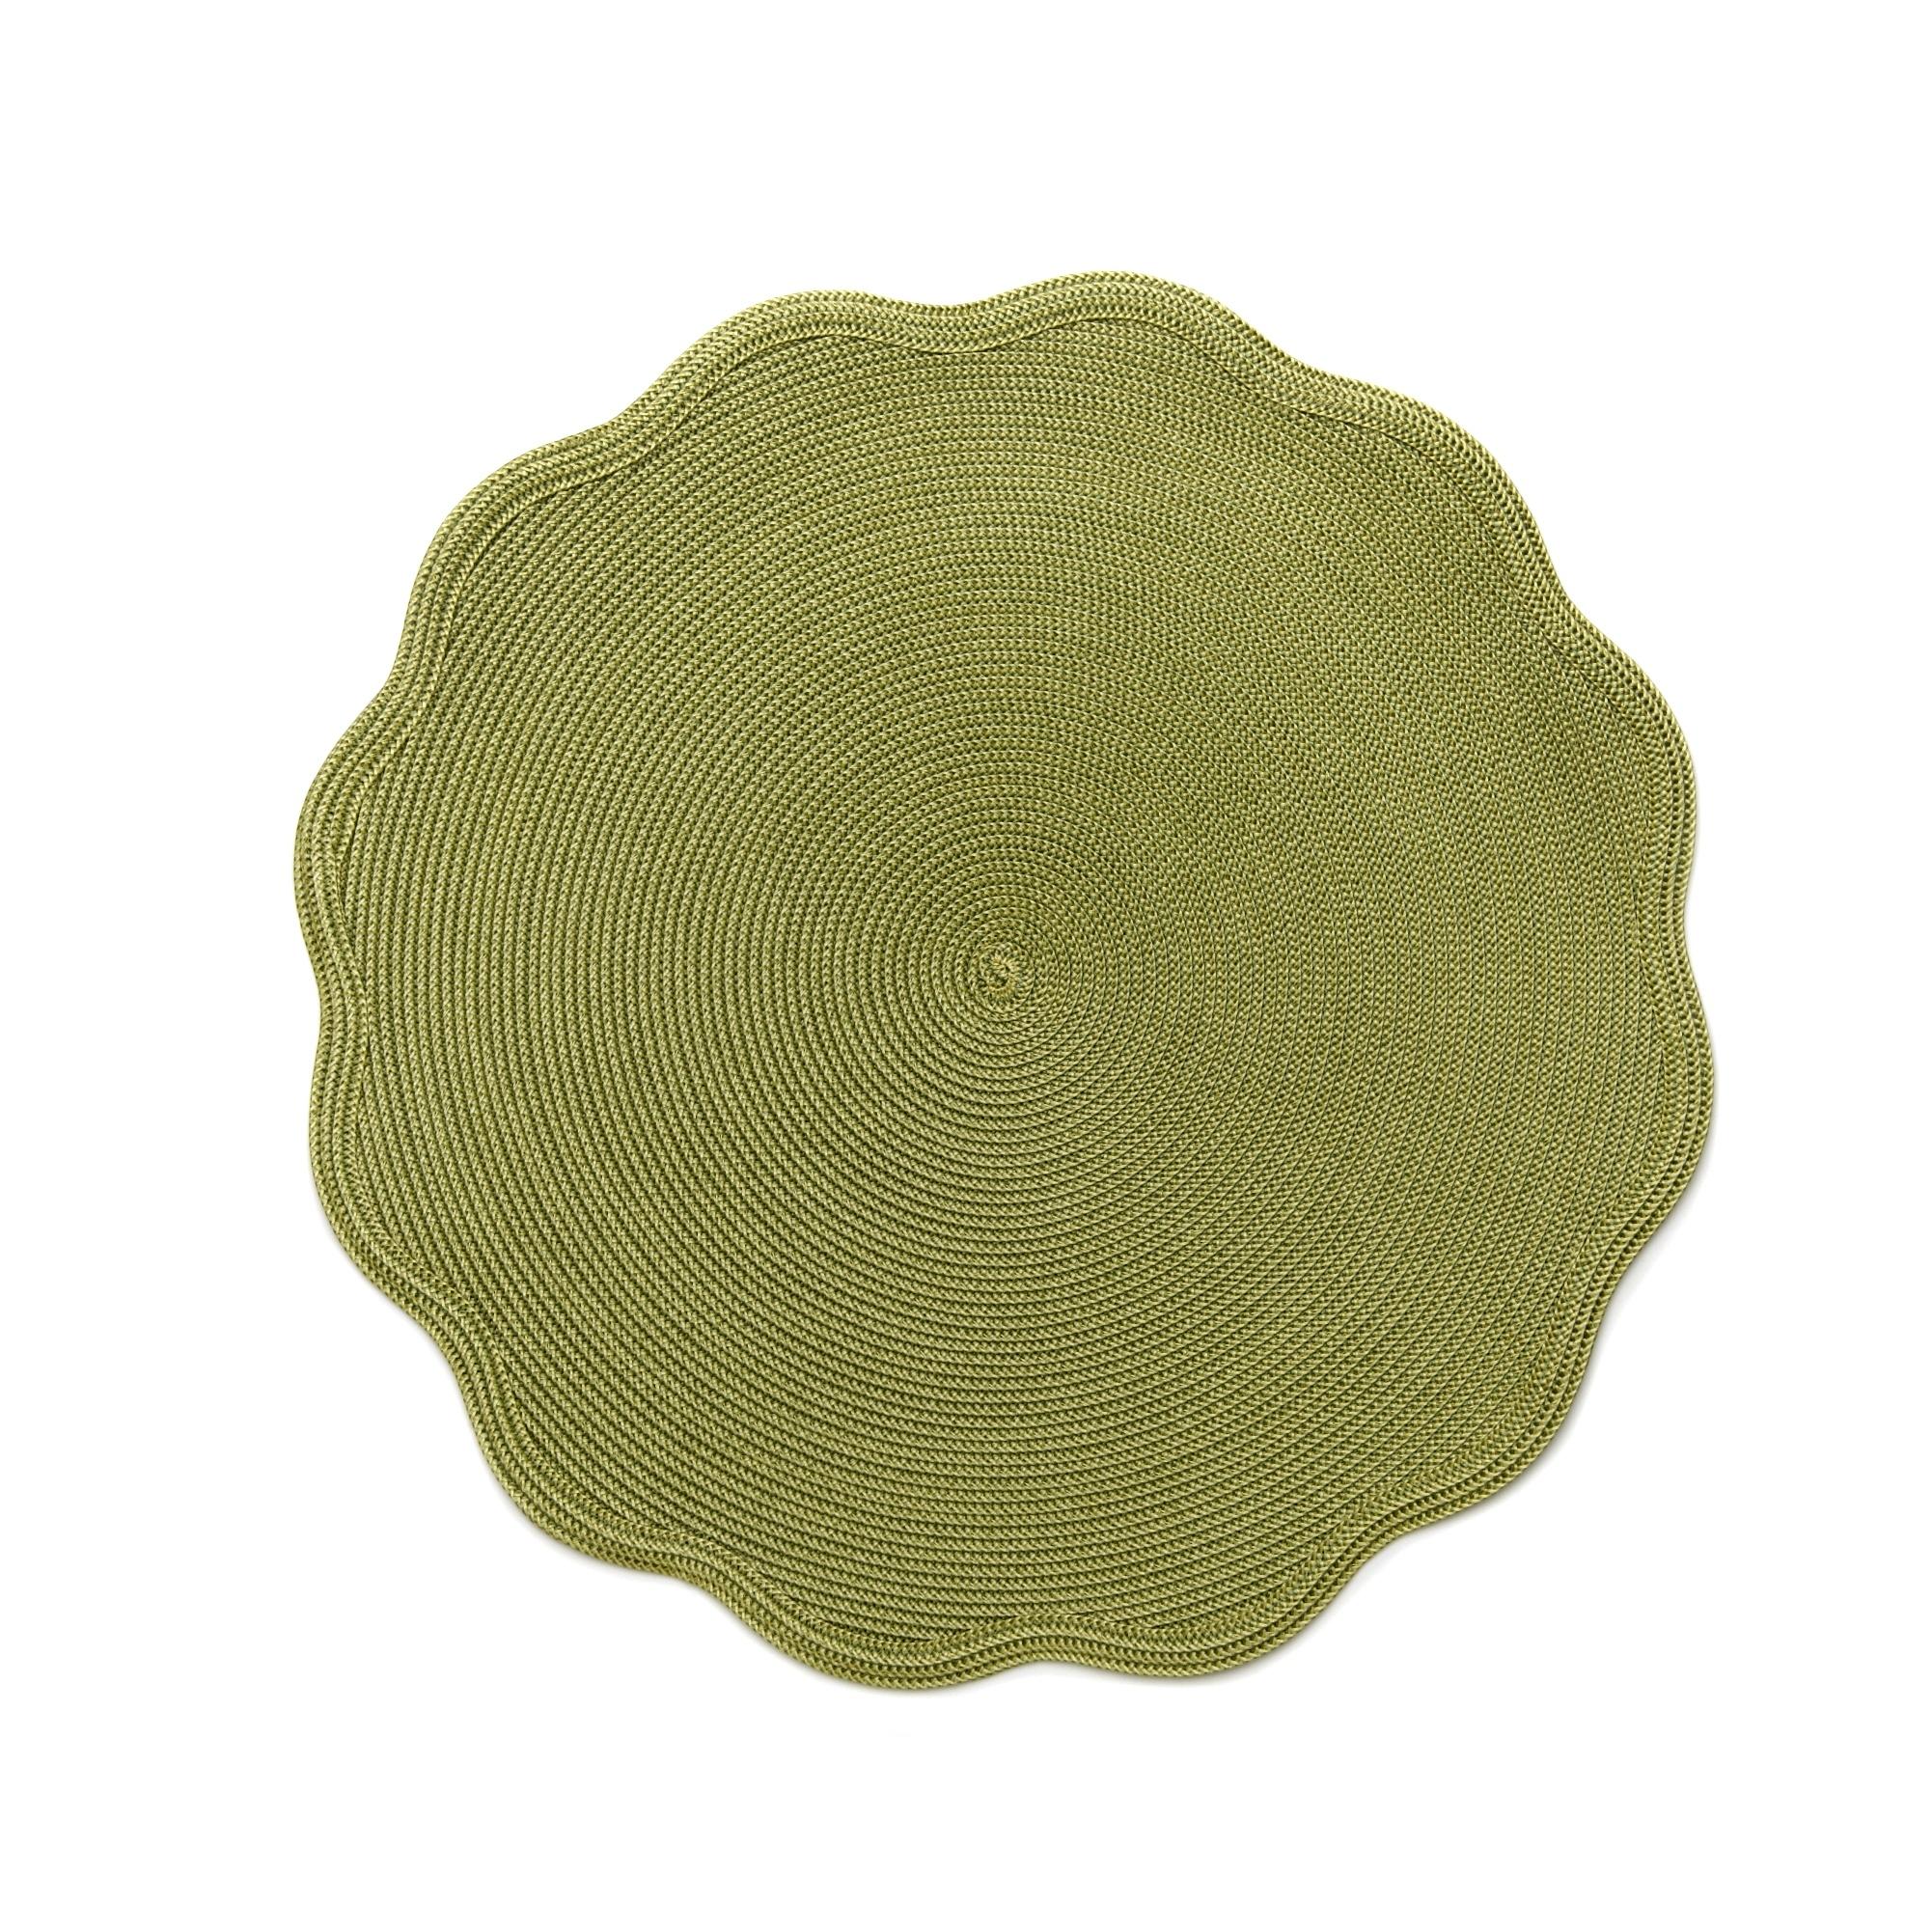 Unique bathroom rugs - Deborah Rhodes 16 Quot Linen Braid Round Scallop Placemat